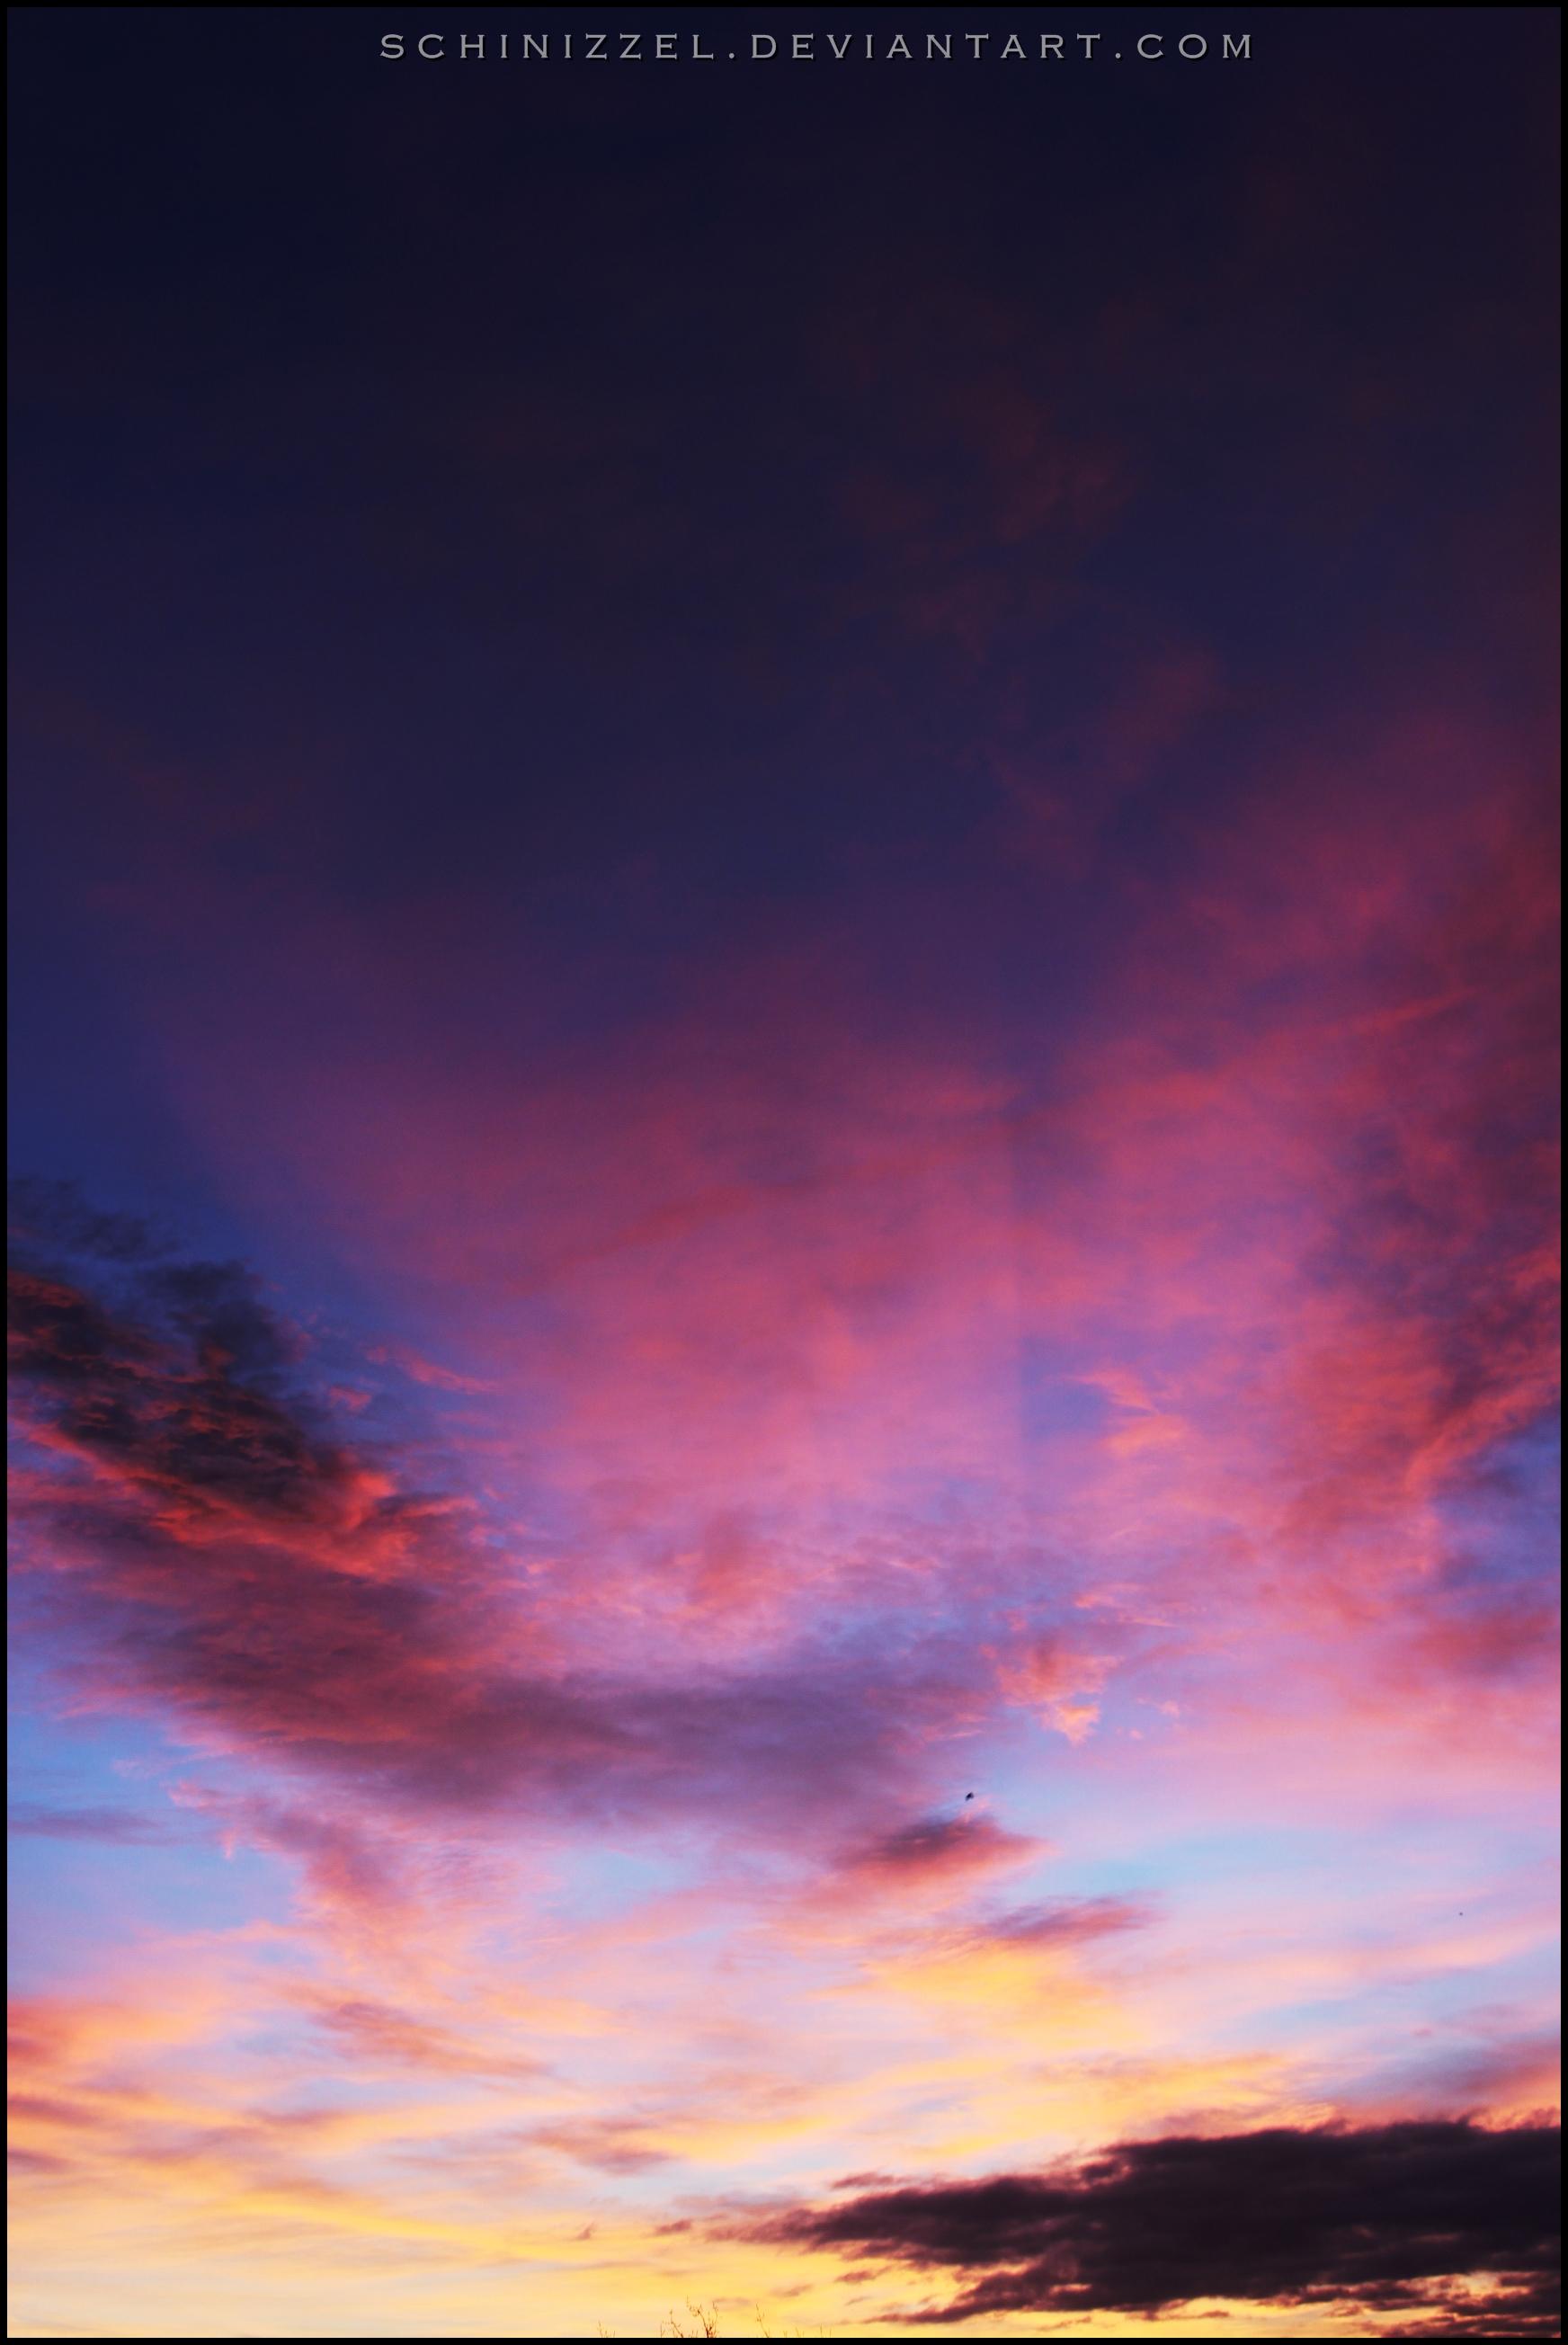 Heaven#133 by Schinizzel